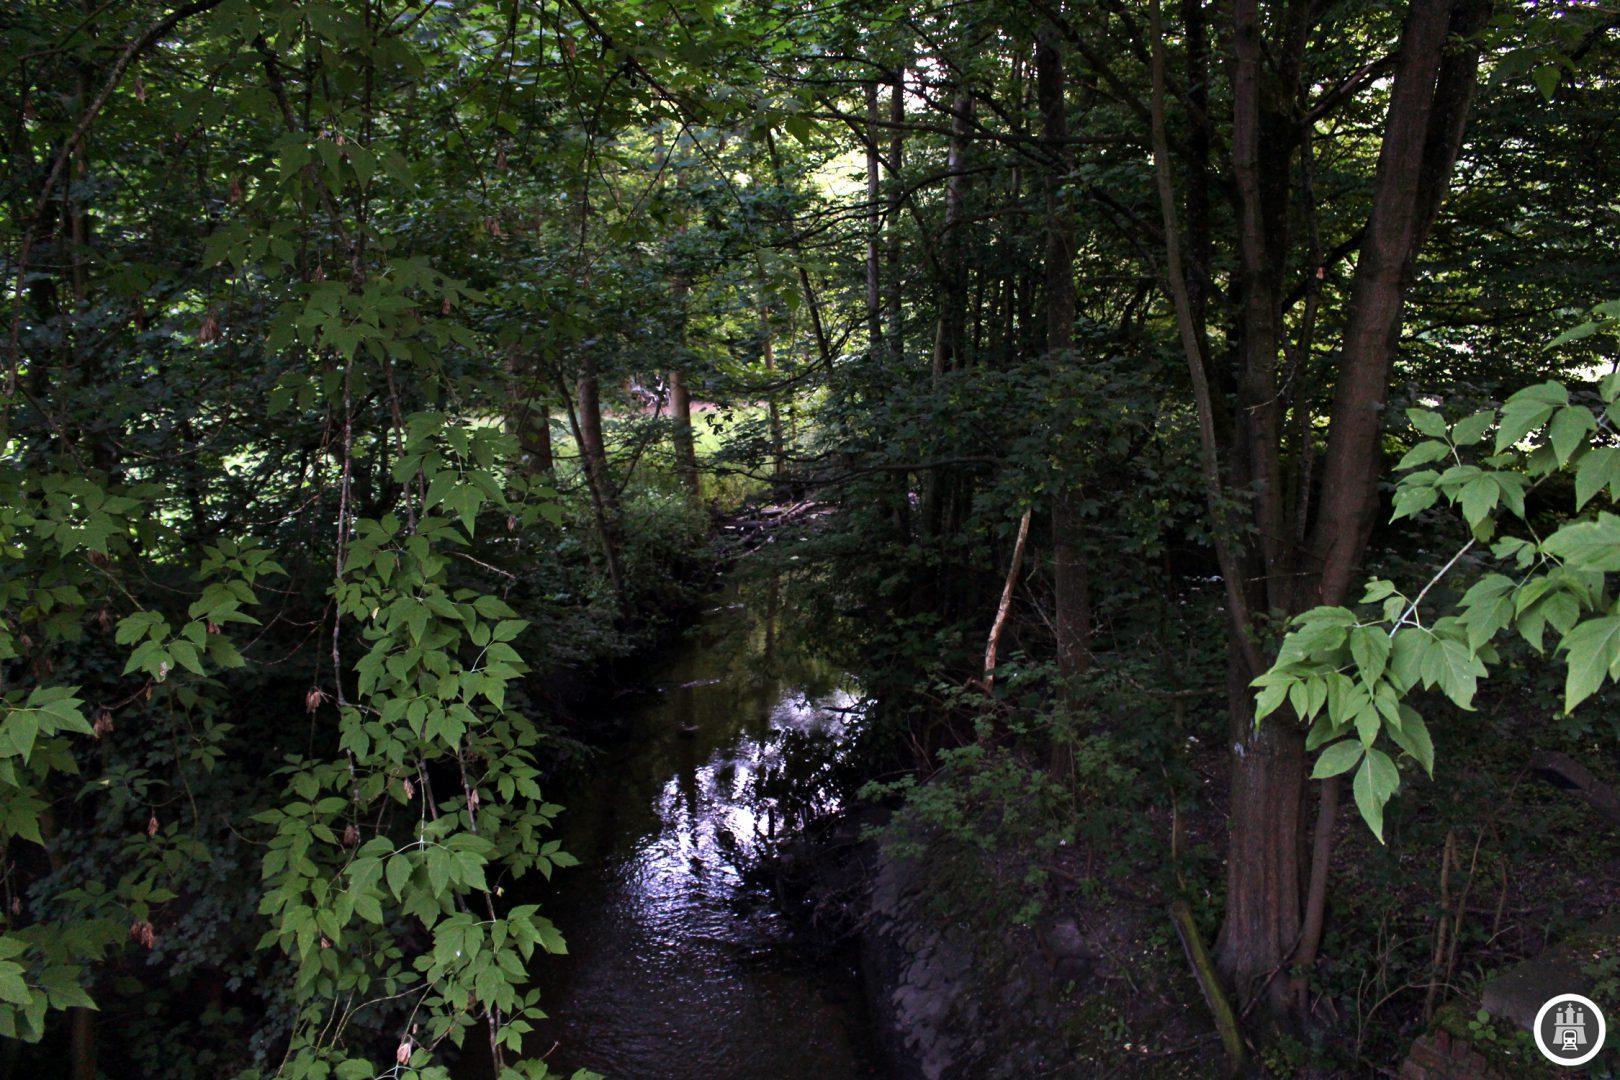 Der Schleemer Bach ist etwa 10 Kilometer lang und führt von Rahlstedt in die Bille, dabei fließt dieser in den und anschließend aus dem Öjendorfer See, nördlich der Kreuzung befindet sich der Schleemer Teich, an dem sich einst eine Mühle befand.